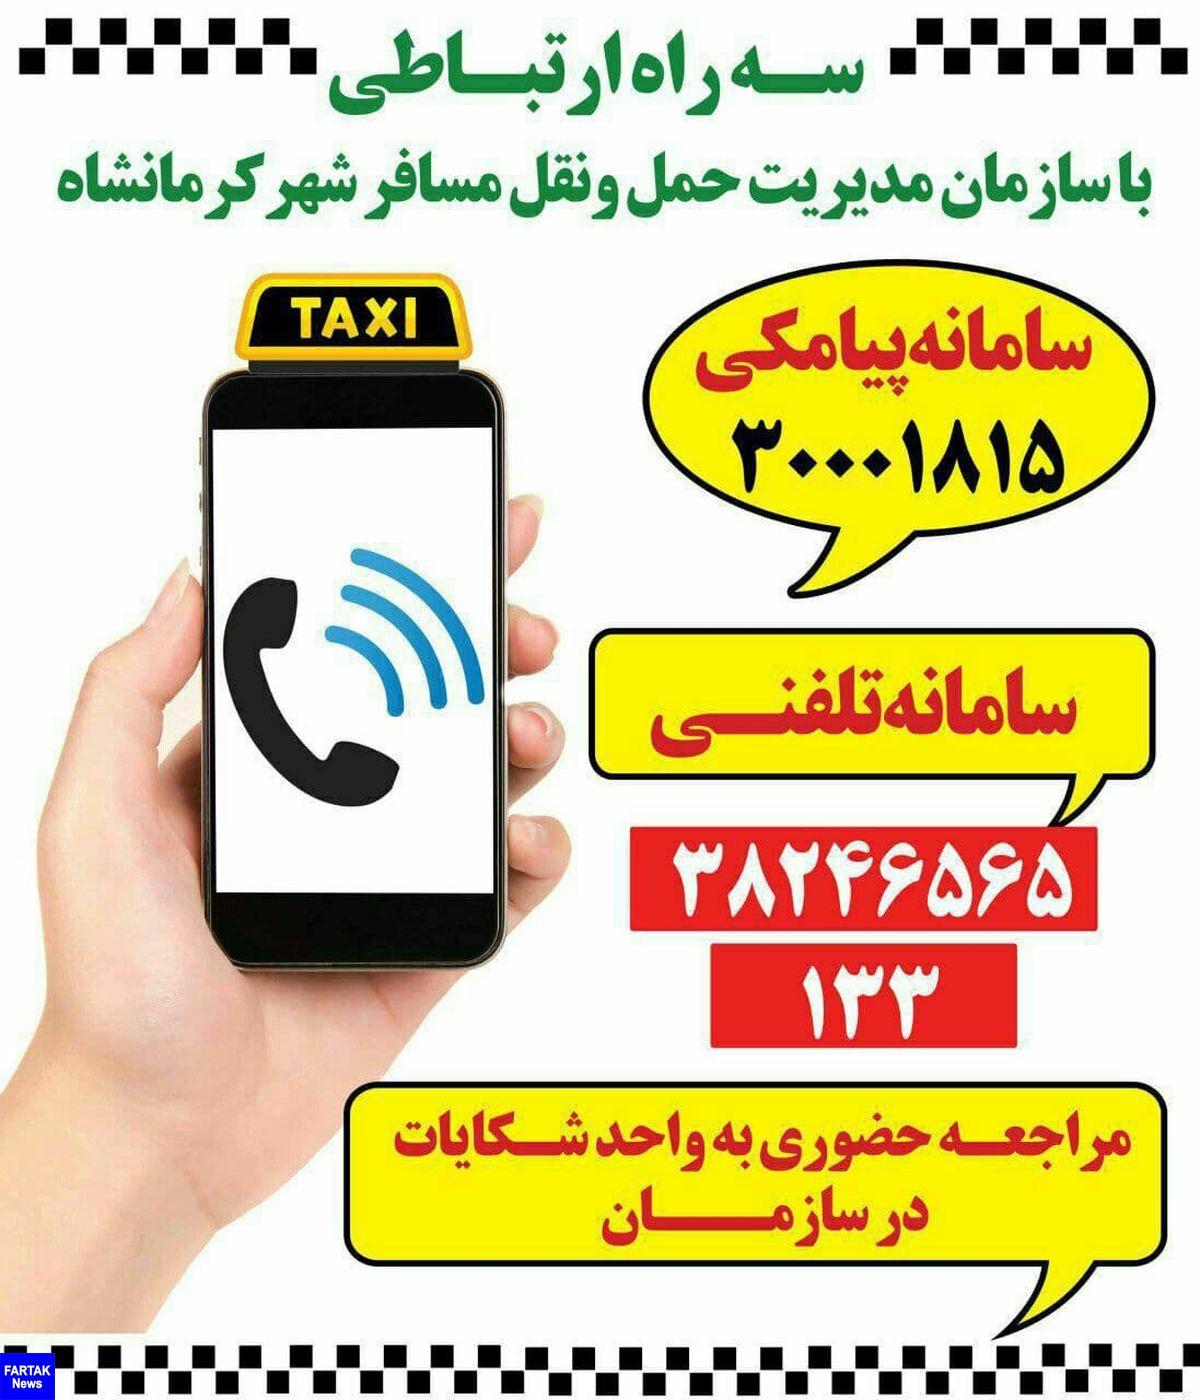 سامانه تلفن گویای 133 آماده دریافت پیشنهادات و انتقادات همشهریان